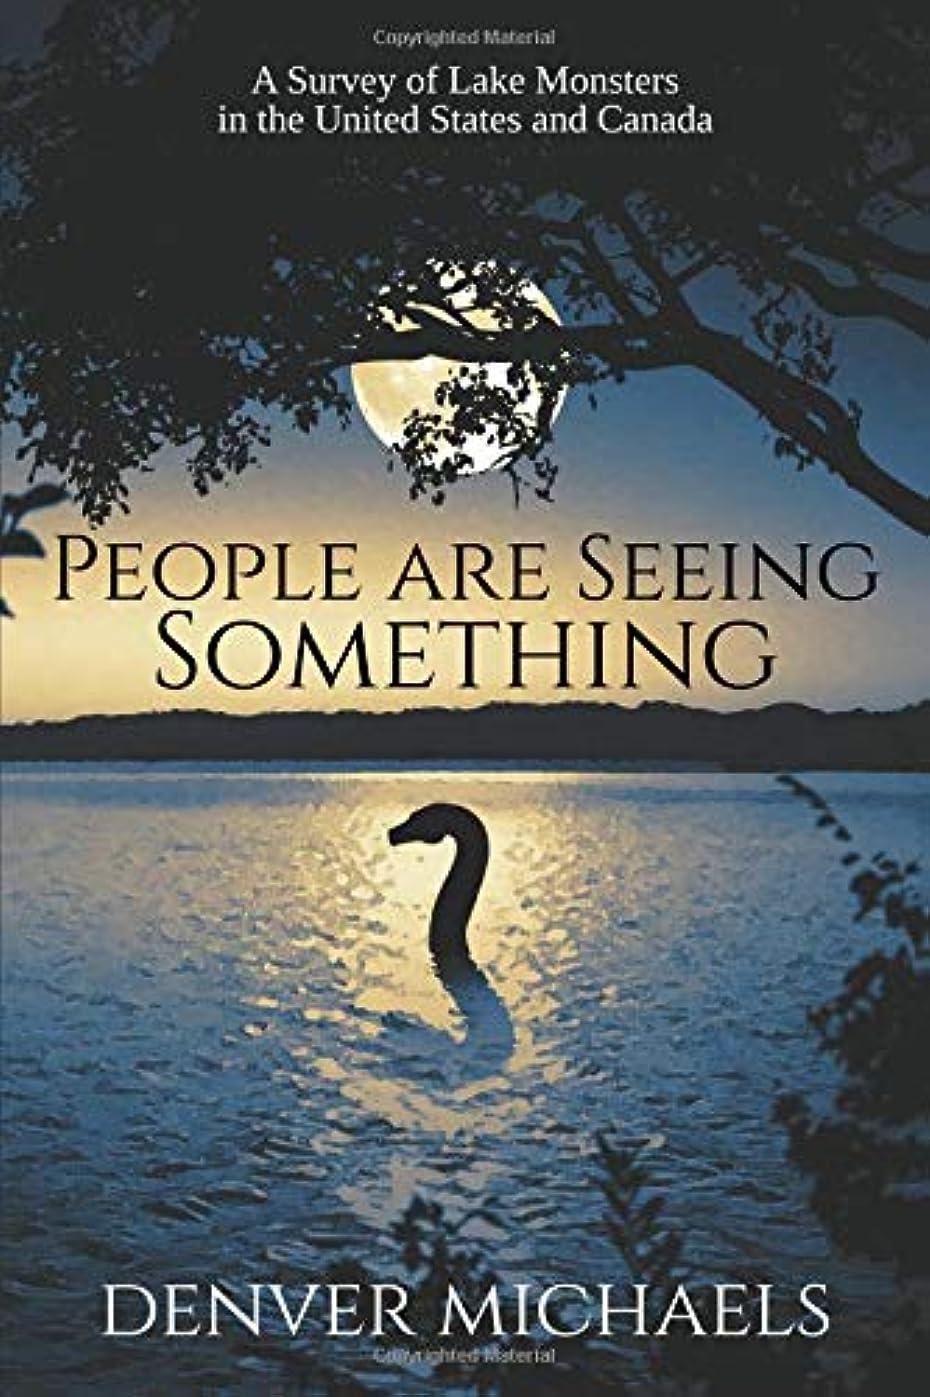 分数コーデリア博物館People are Seeing Something: A Survey of Lake Monsters in the United States and Canada